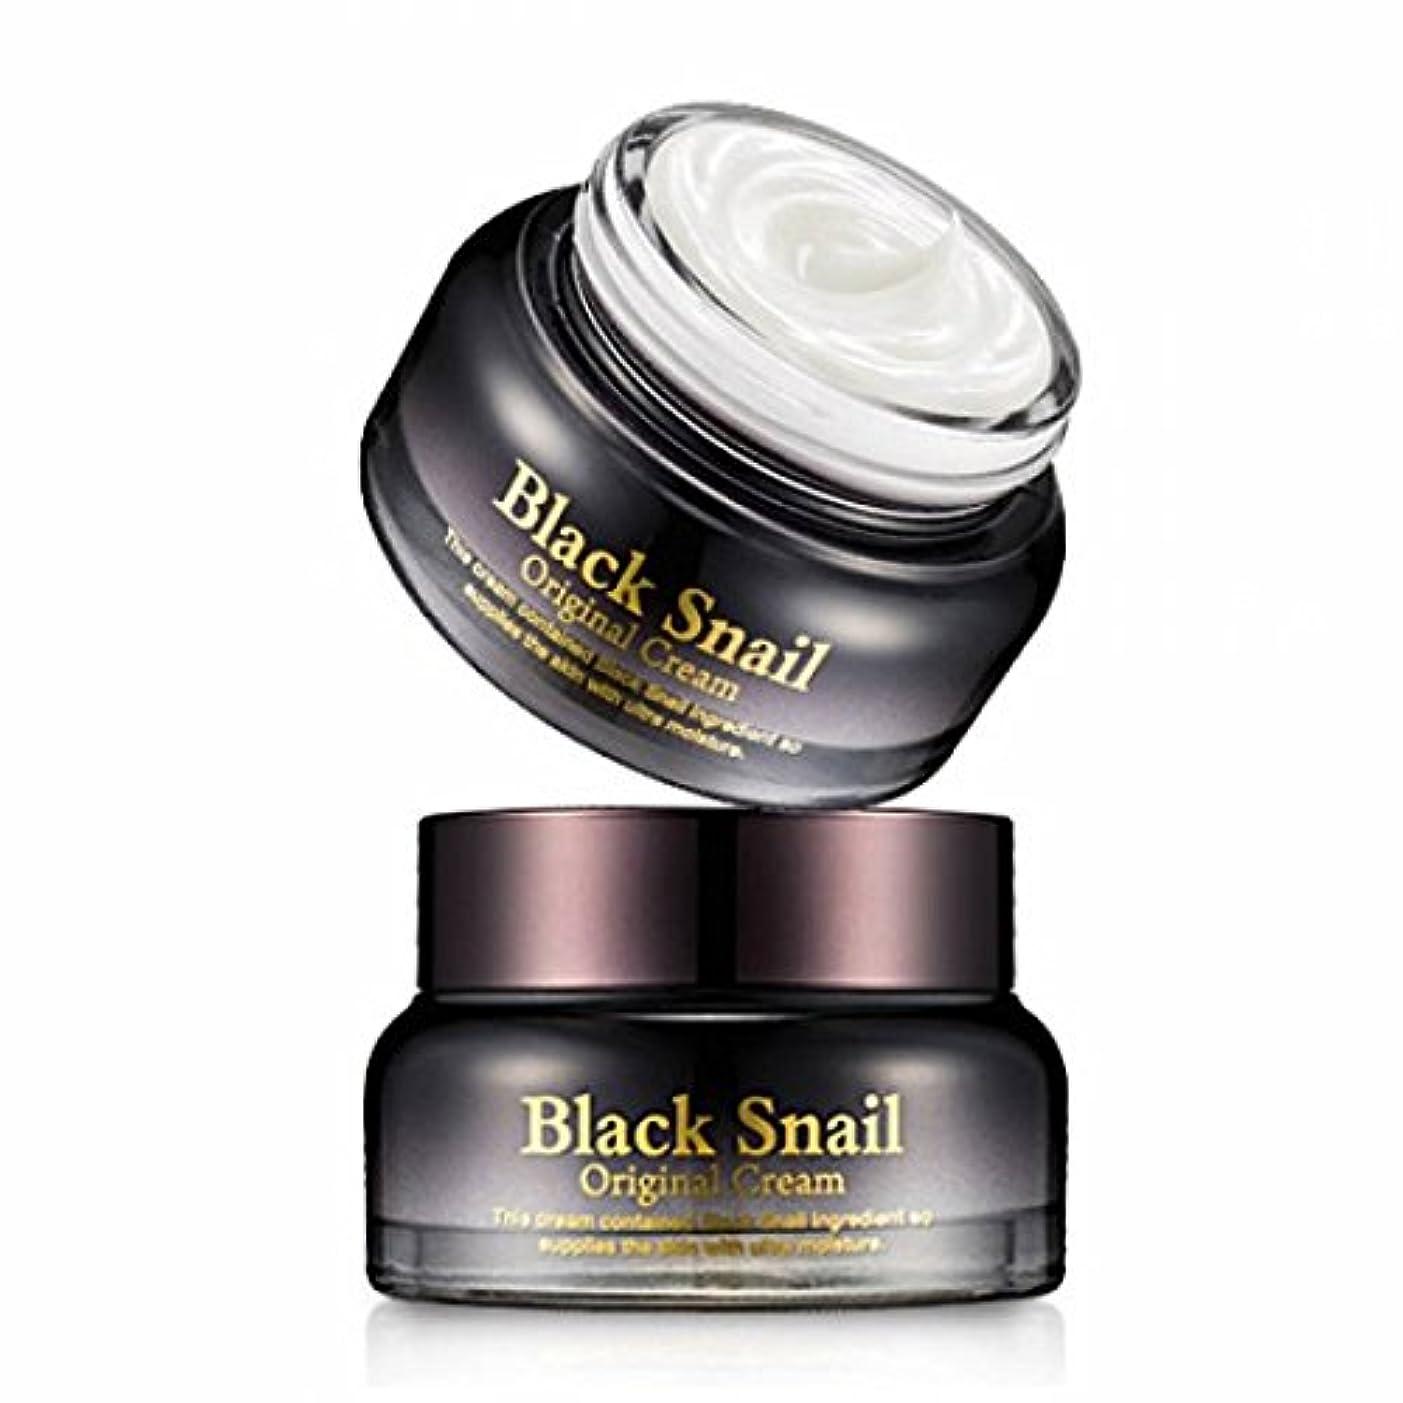 慰め神経衰弱活発シークレットキー [韓国コスメ Secret Key] ブラックスネイル オリジナルクリーム Secret Key Black Snail Original Cream [並行輸入品]